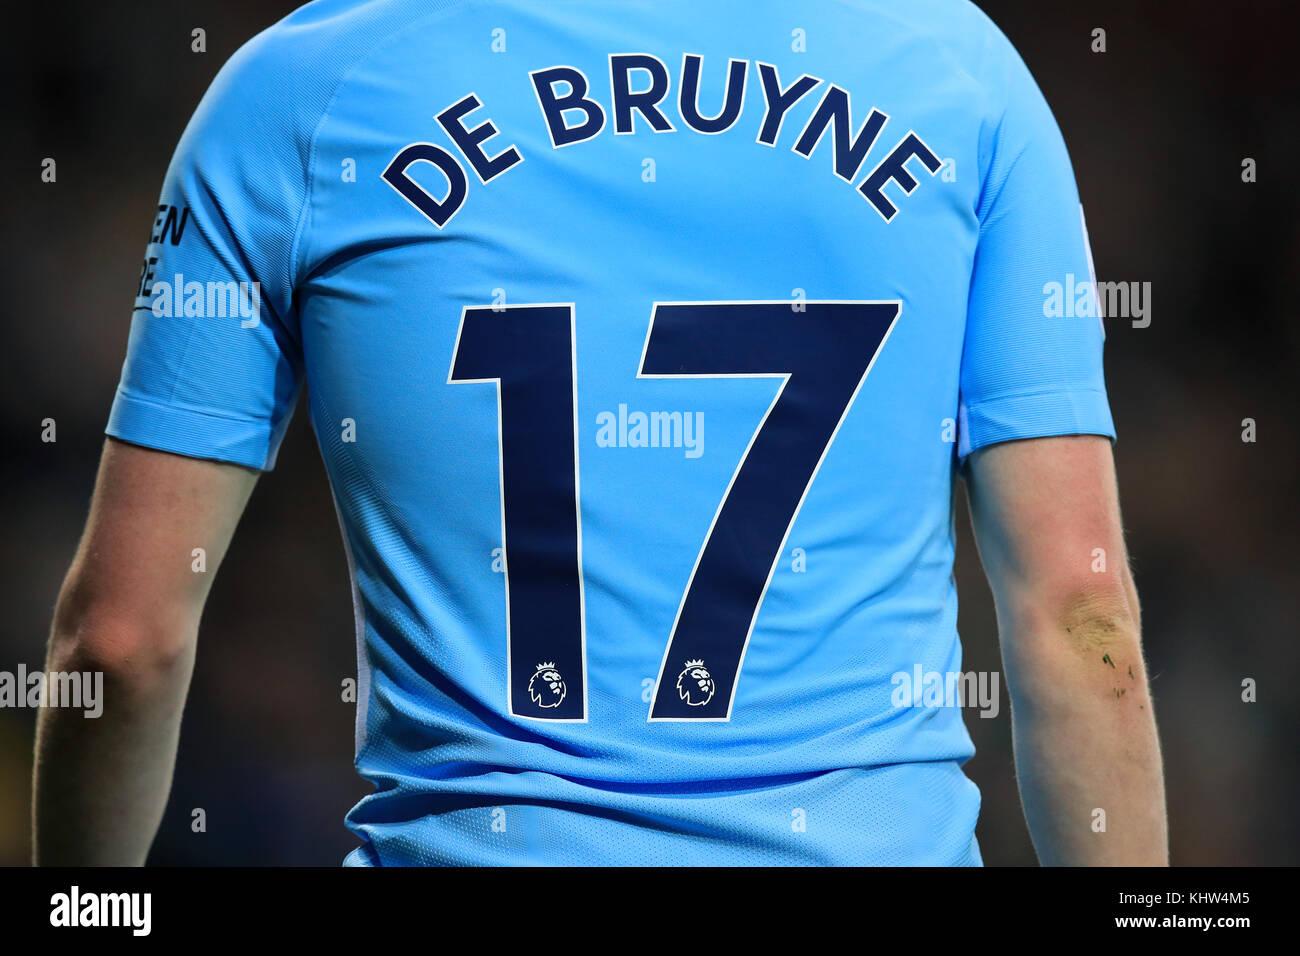 low priced e26e6 44a4a Manchester City's Kevin De Bruyne Stock Photo: 165894965 - Alamy